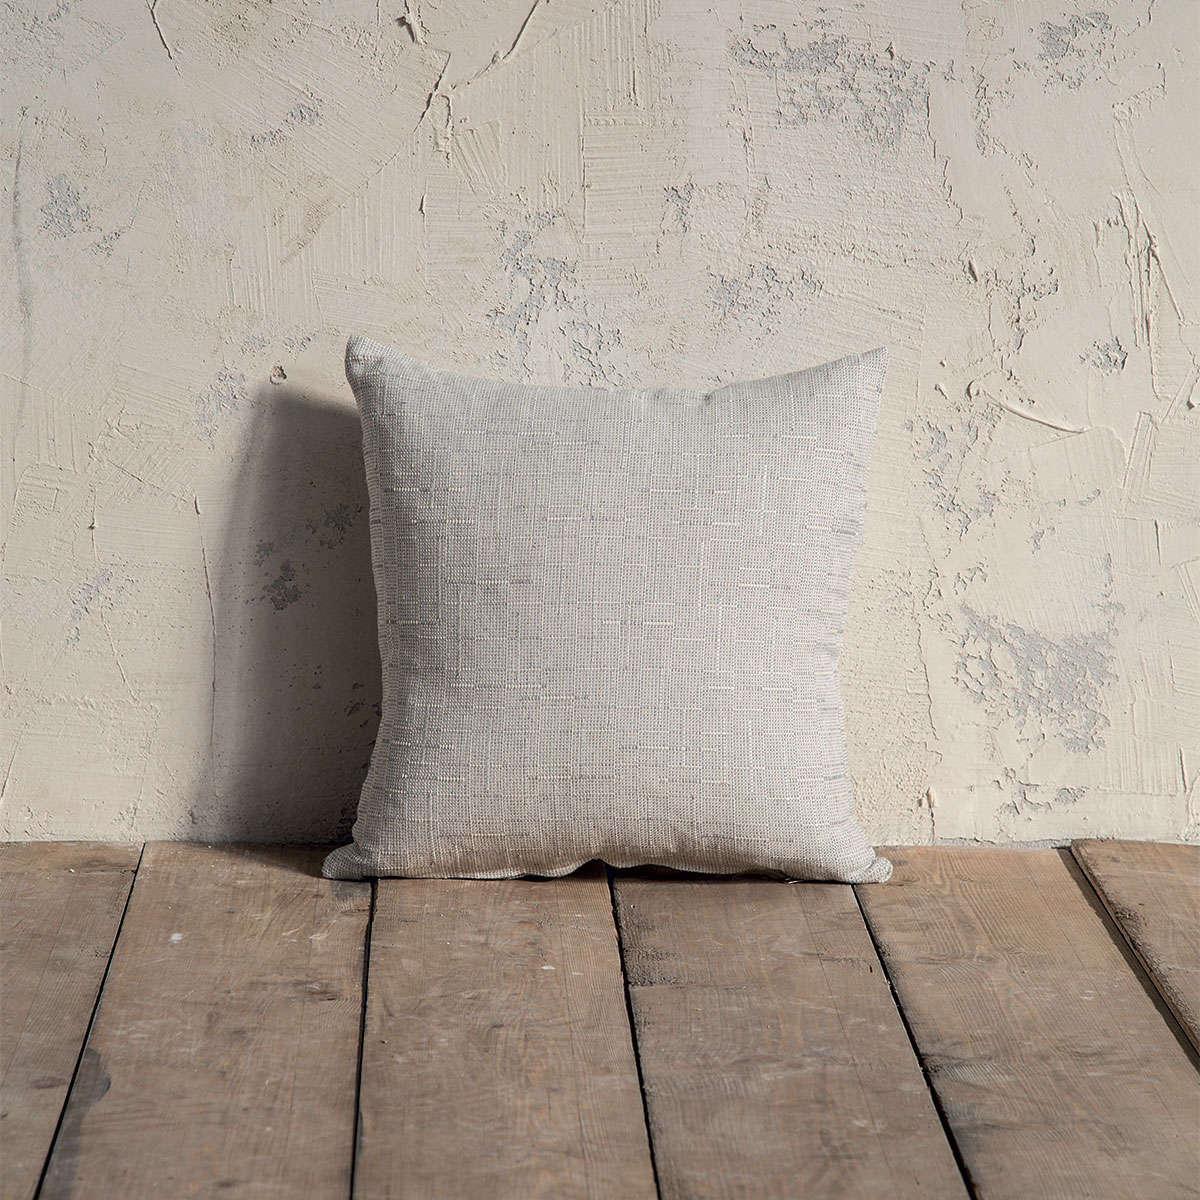 Μαξιλάρι Διακοσμητικό (Με Γέμιση) – Grain Gray Nima 45X45 Βαμβάκι-Polyester